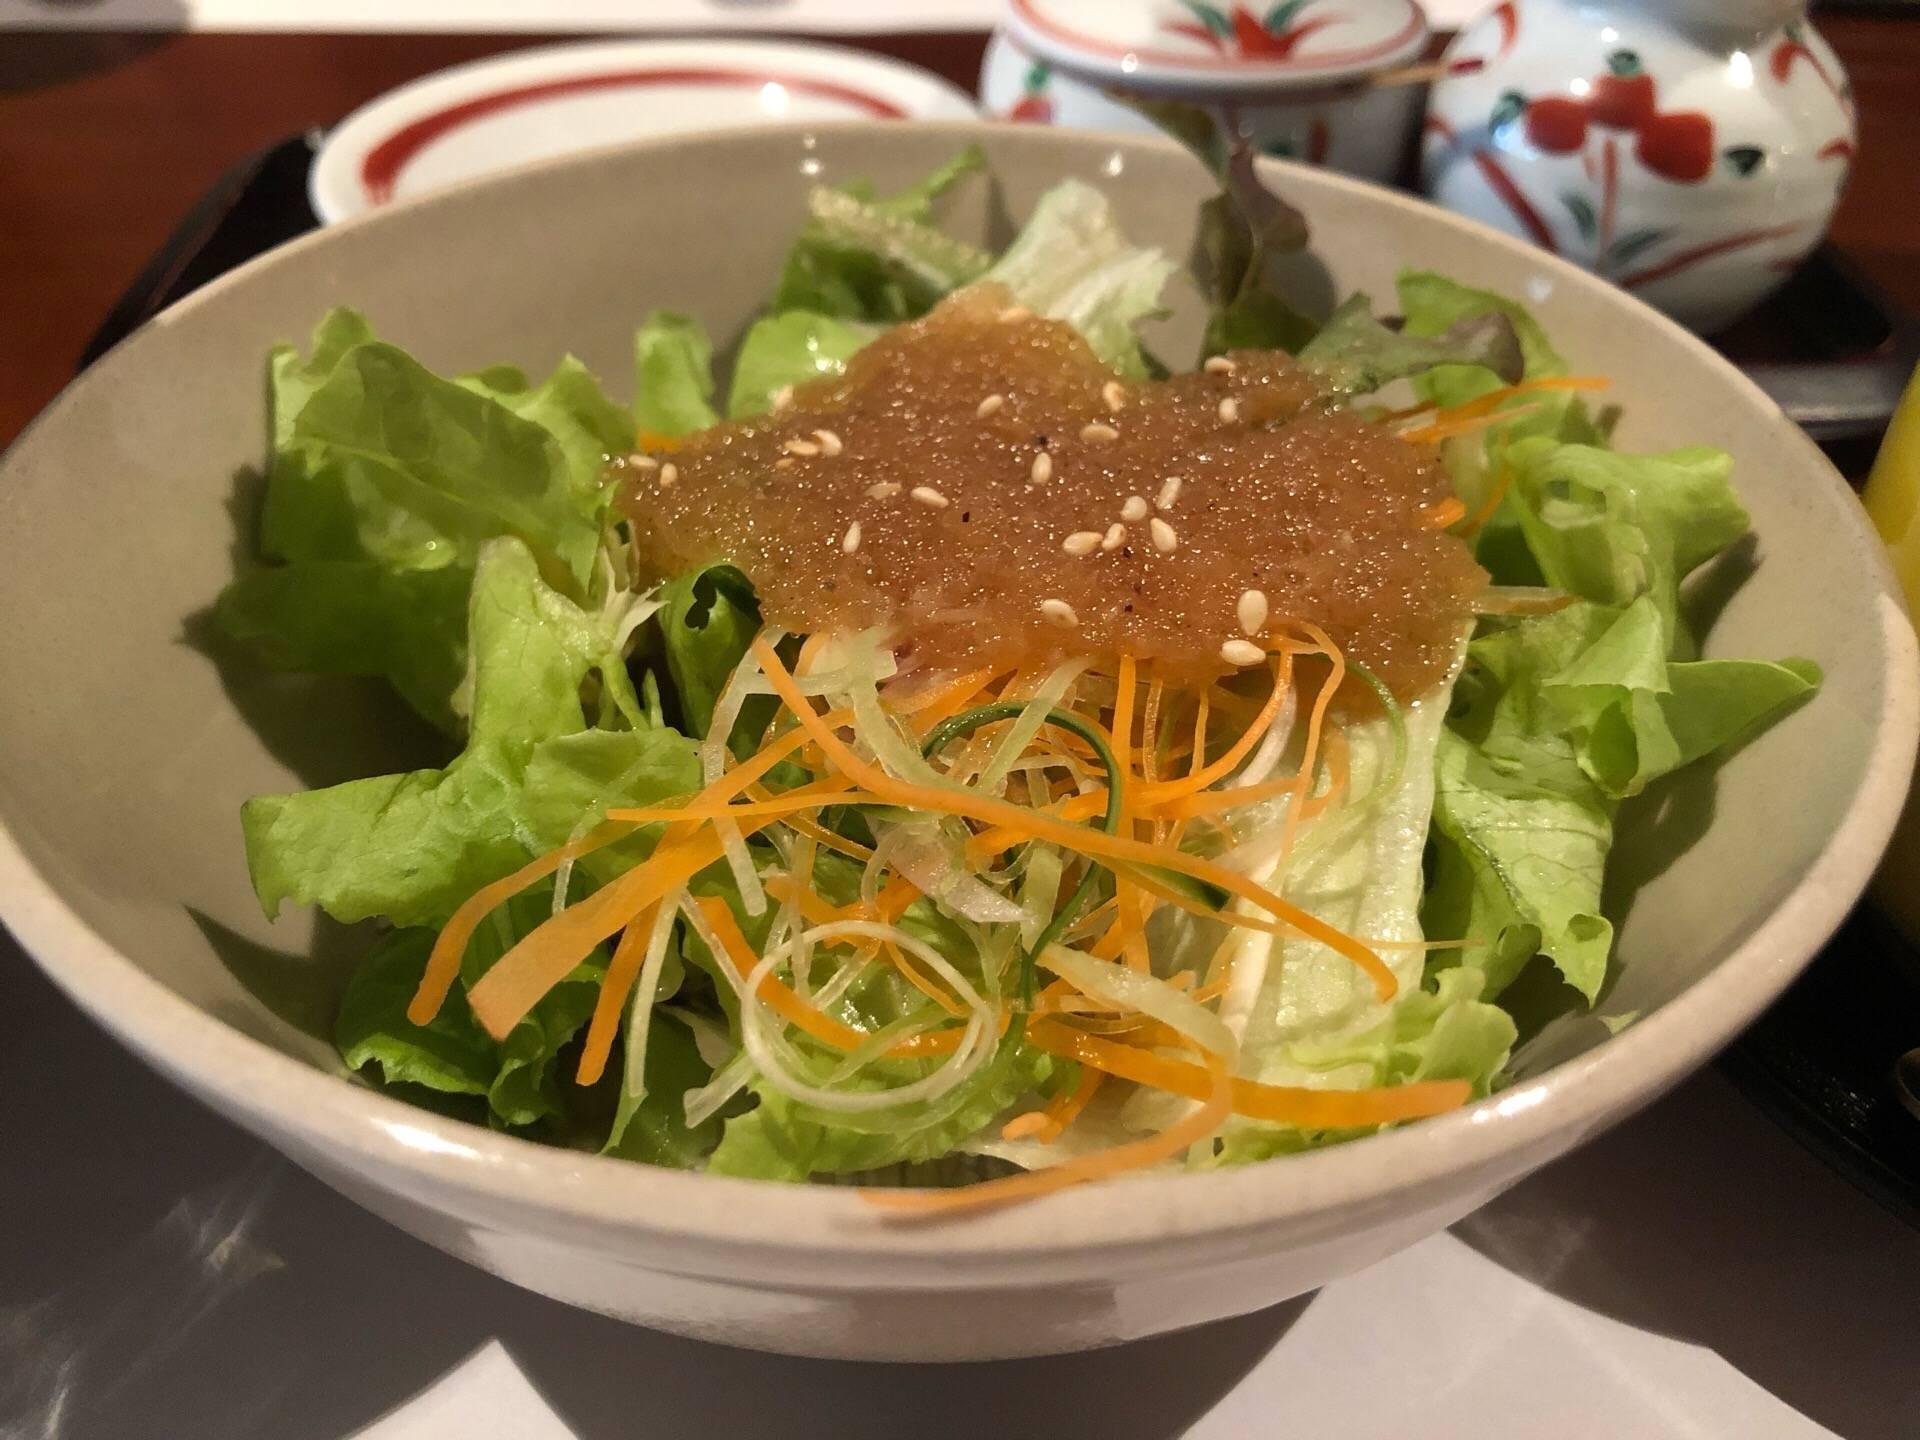 สลัดผักซอสญี่ปุ่น